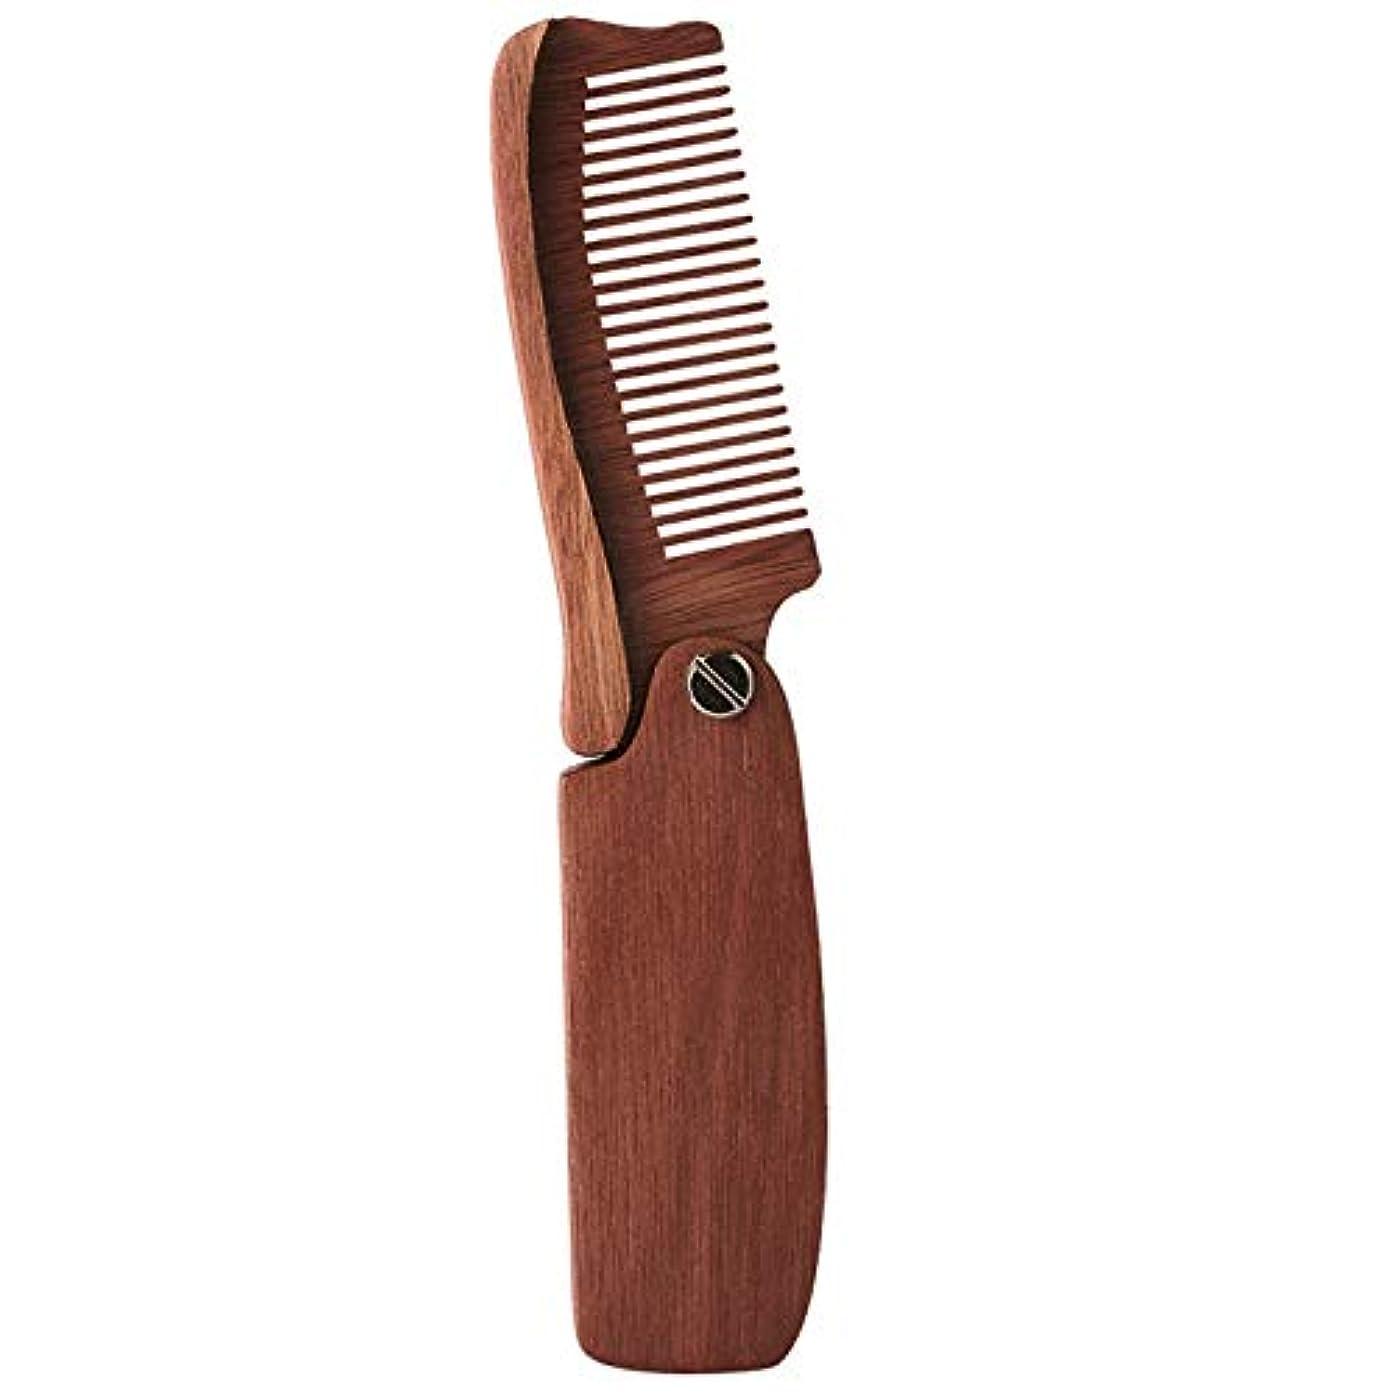 影響するトラフ行為CUHAWUDBA Amodong木製折りたたみ櫛ポータブルひげ櫛ひげスタイリングツールヘアスタイリングツール